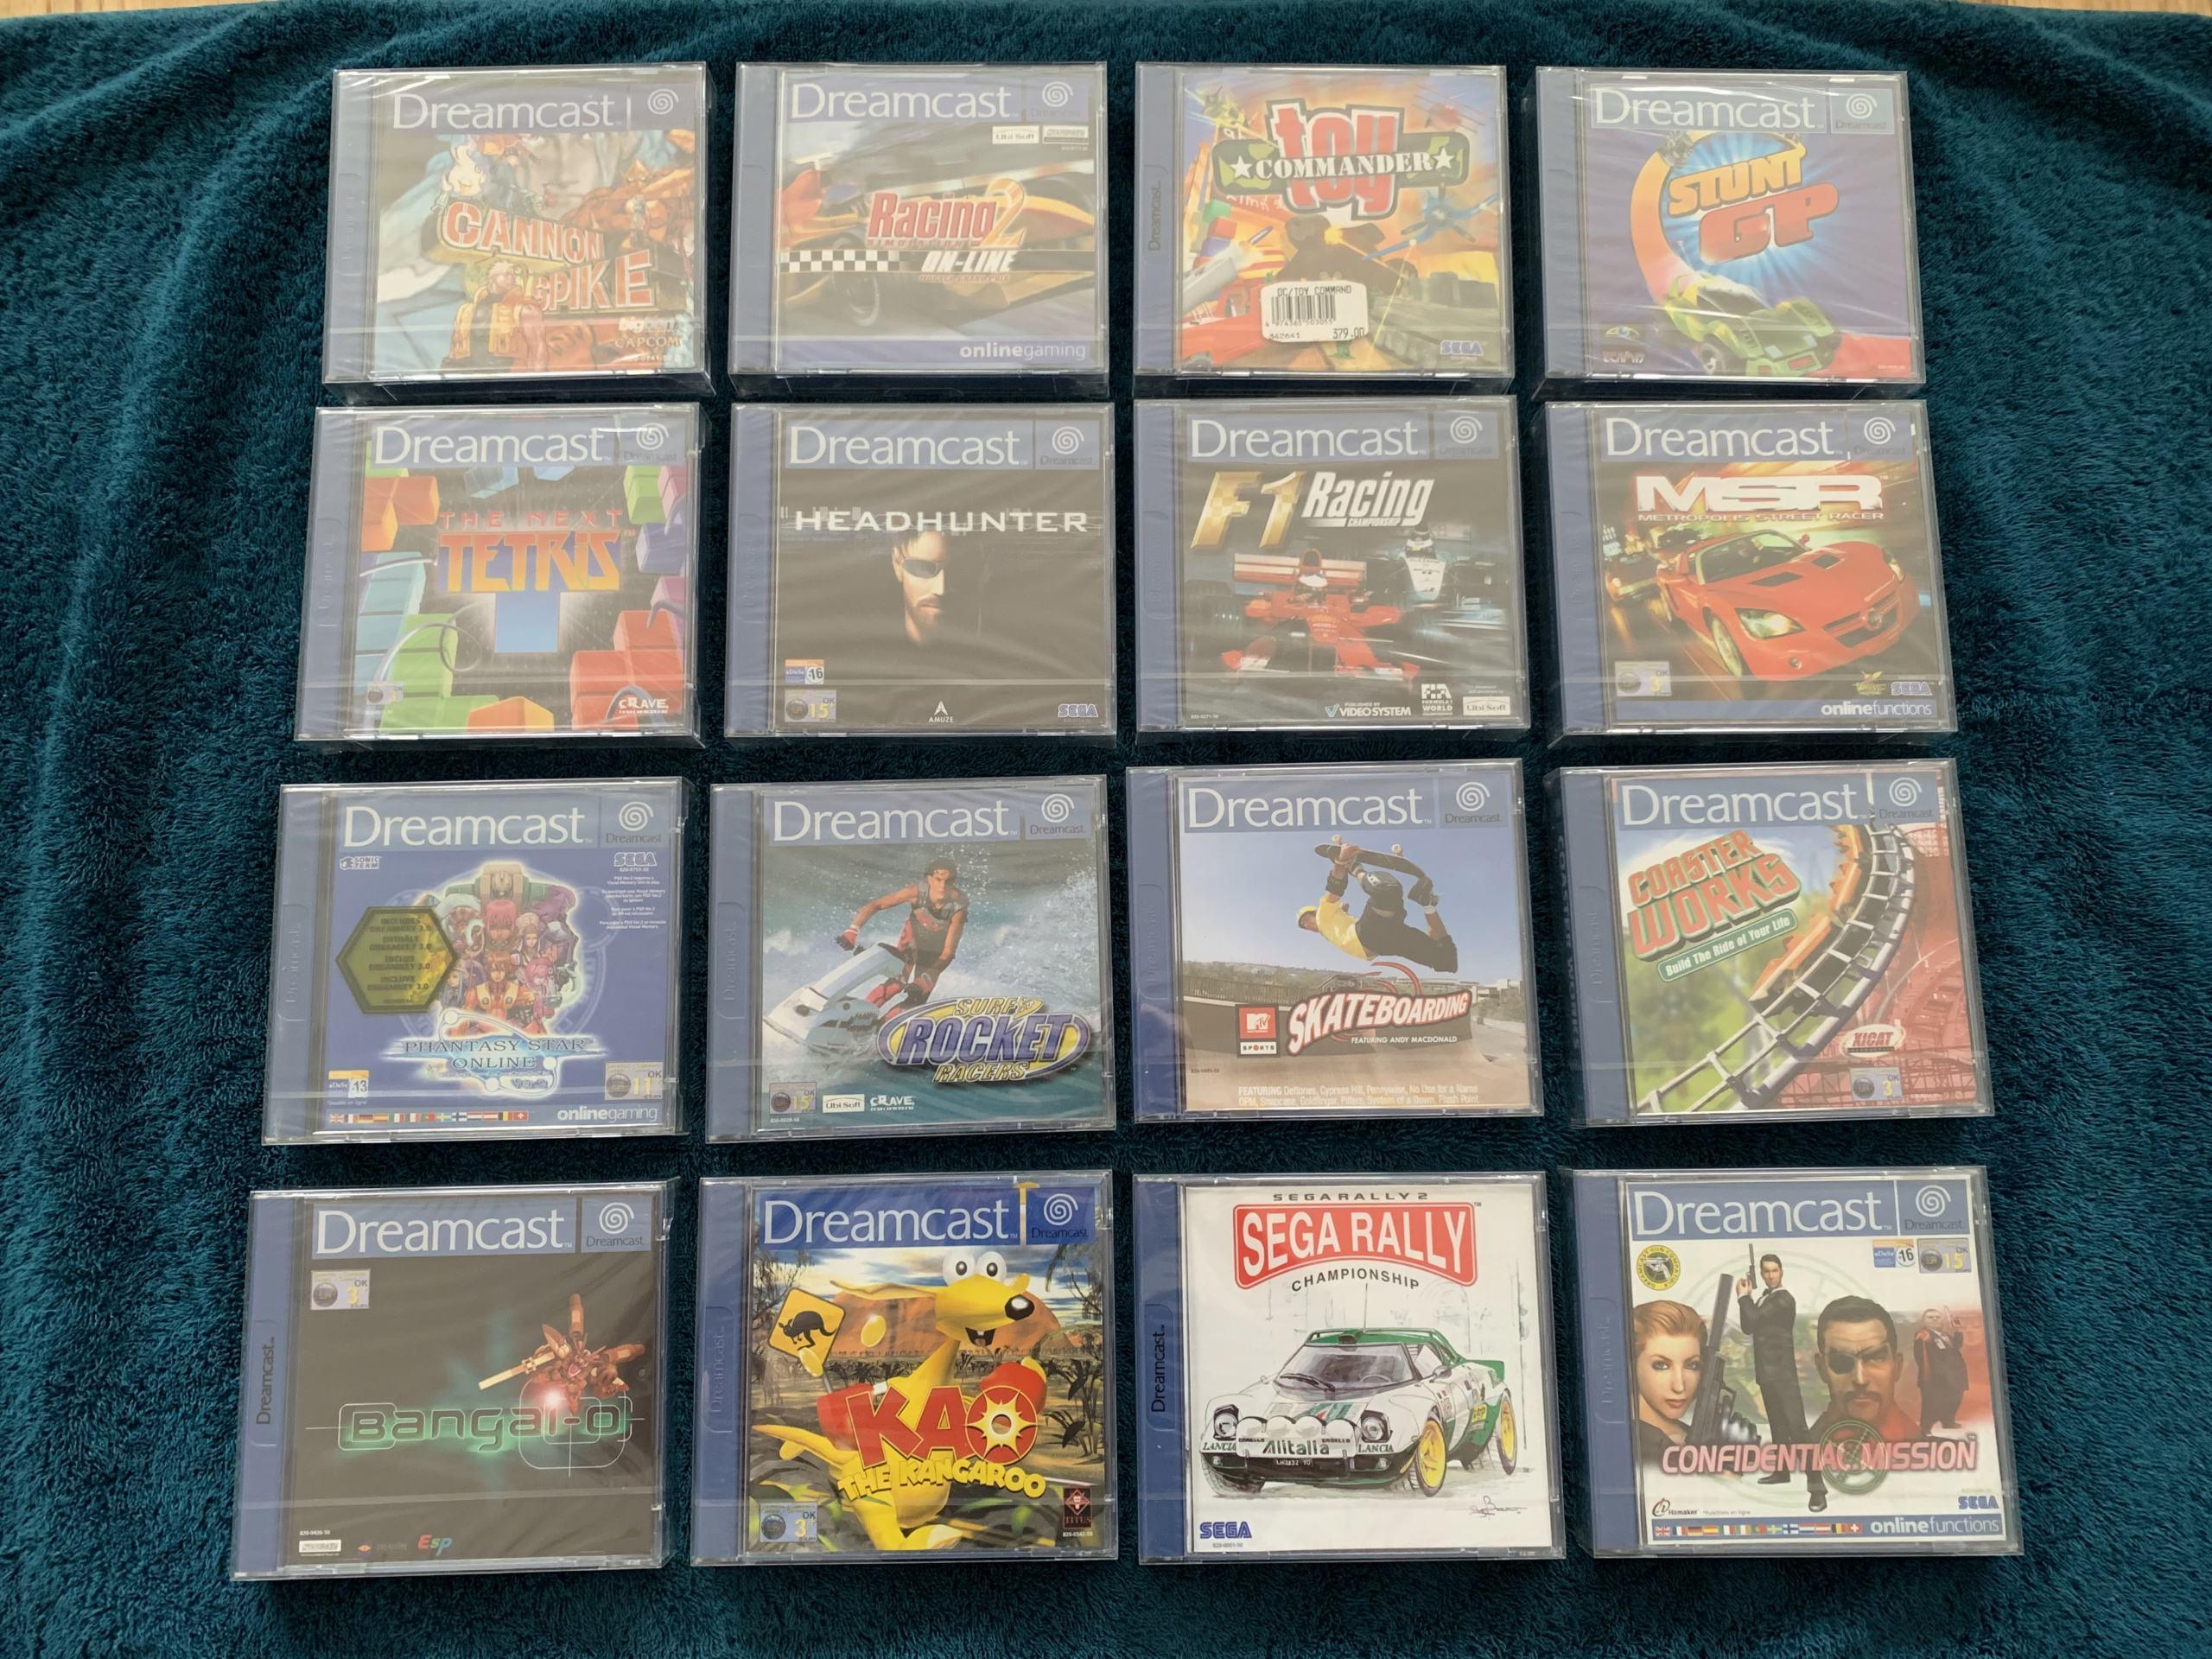 [VENDU] Fullset Jeux Dreamcast, Accessoires, Promo, Rigides... - 350 pièces - NEUF SOUS BLISTER 002_fu10